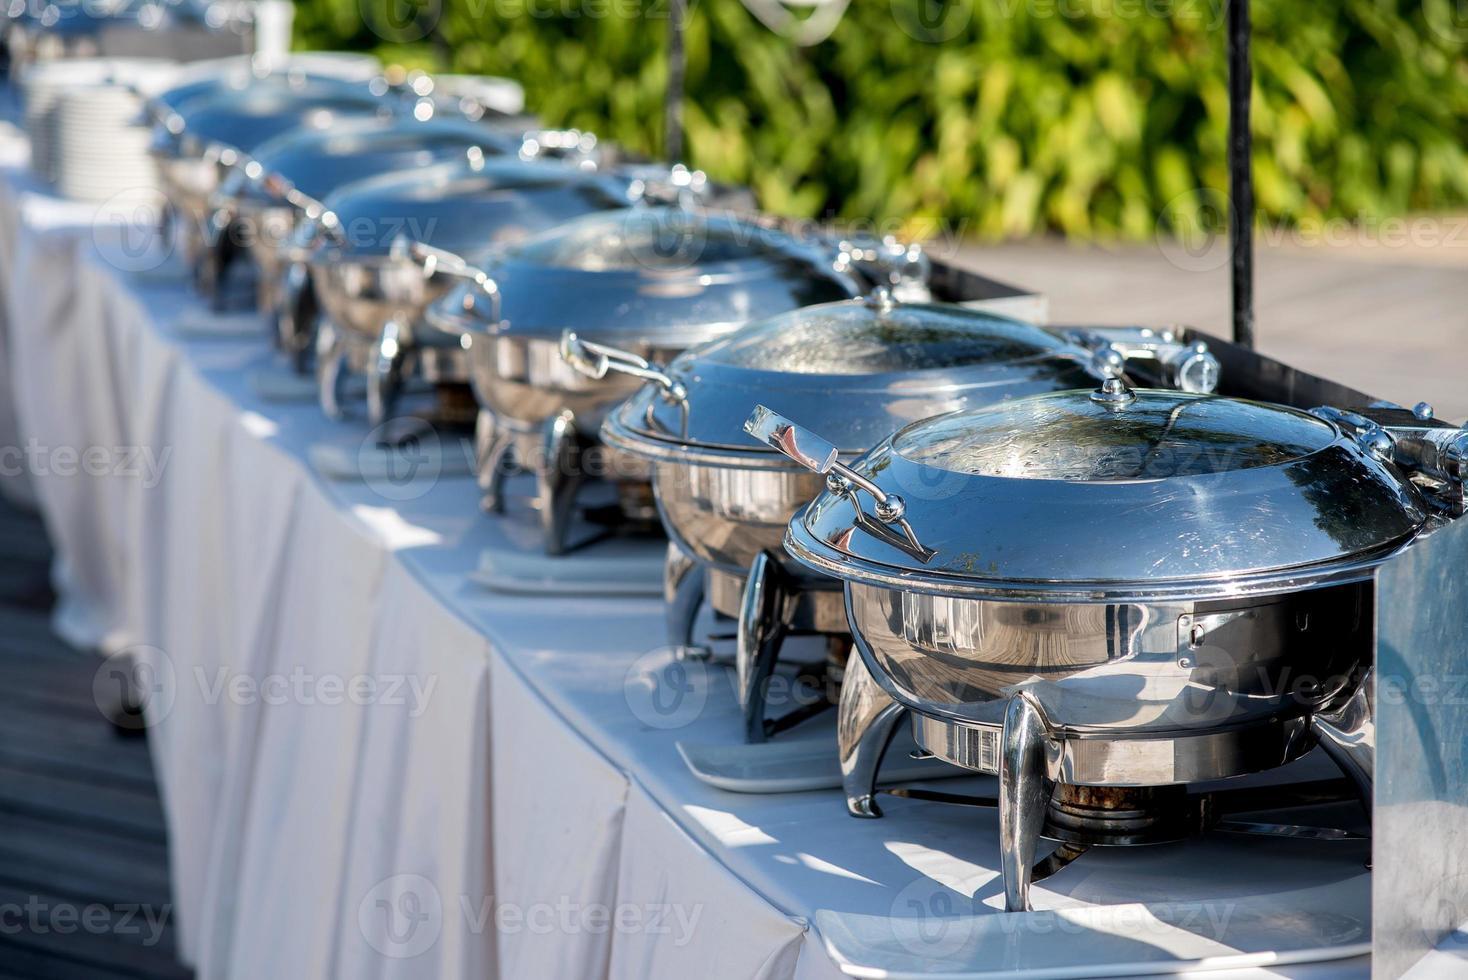 tavolo da buffet con fila di pentole a vapore per servizio di ristorazione foto